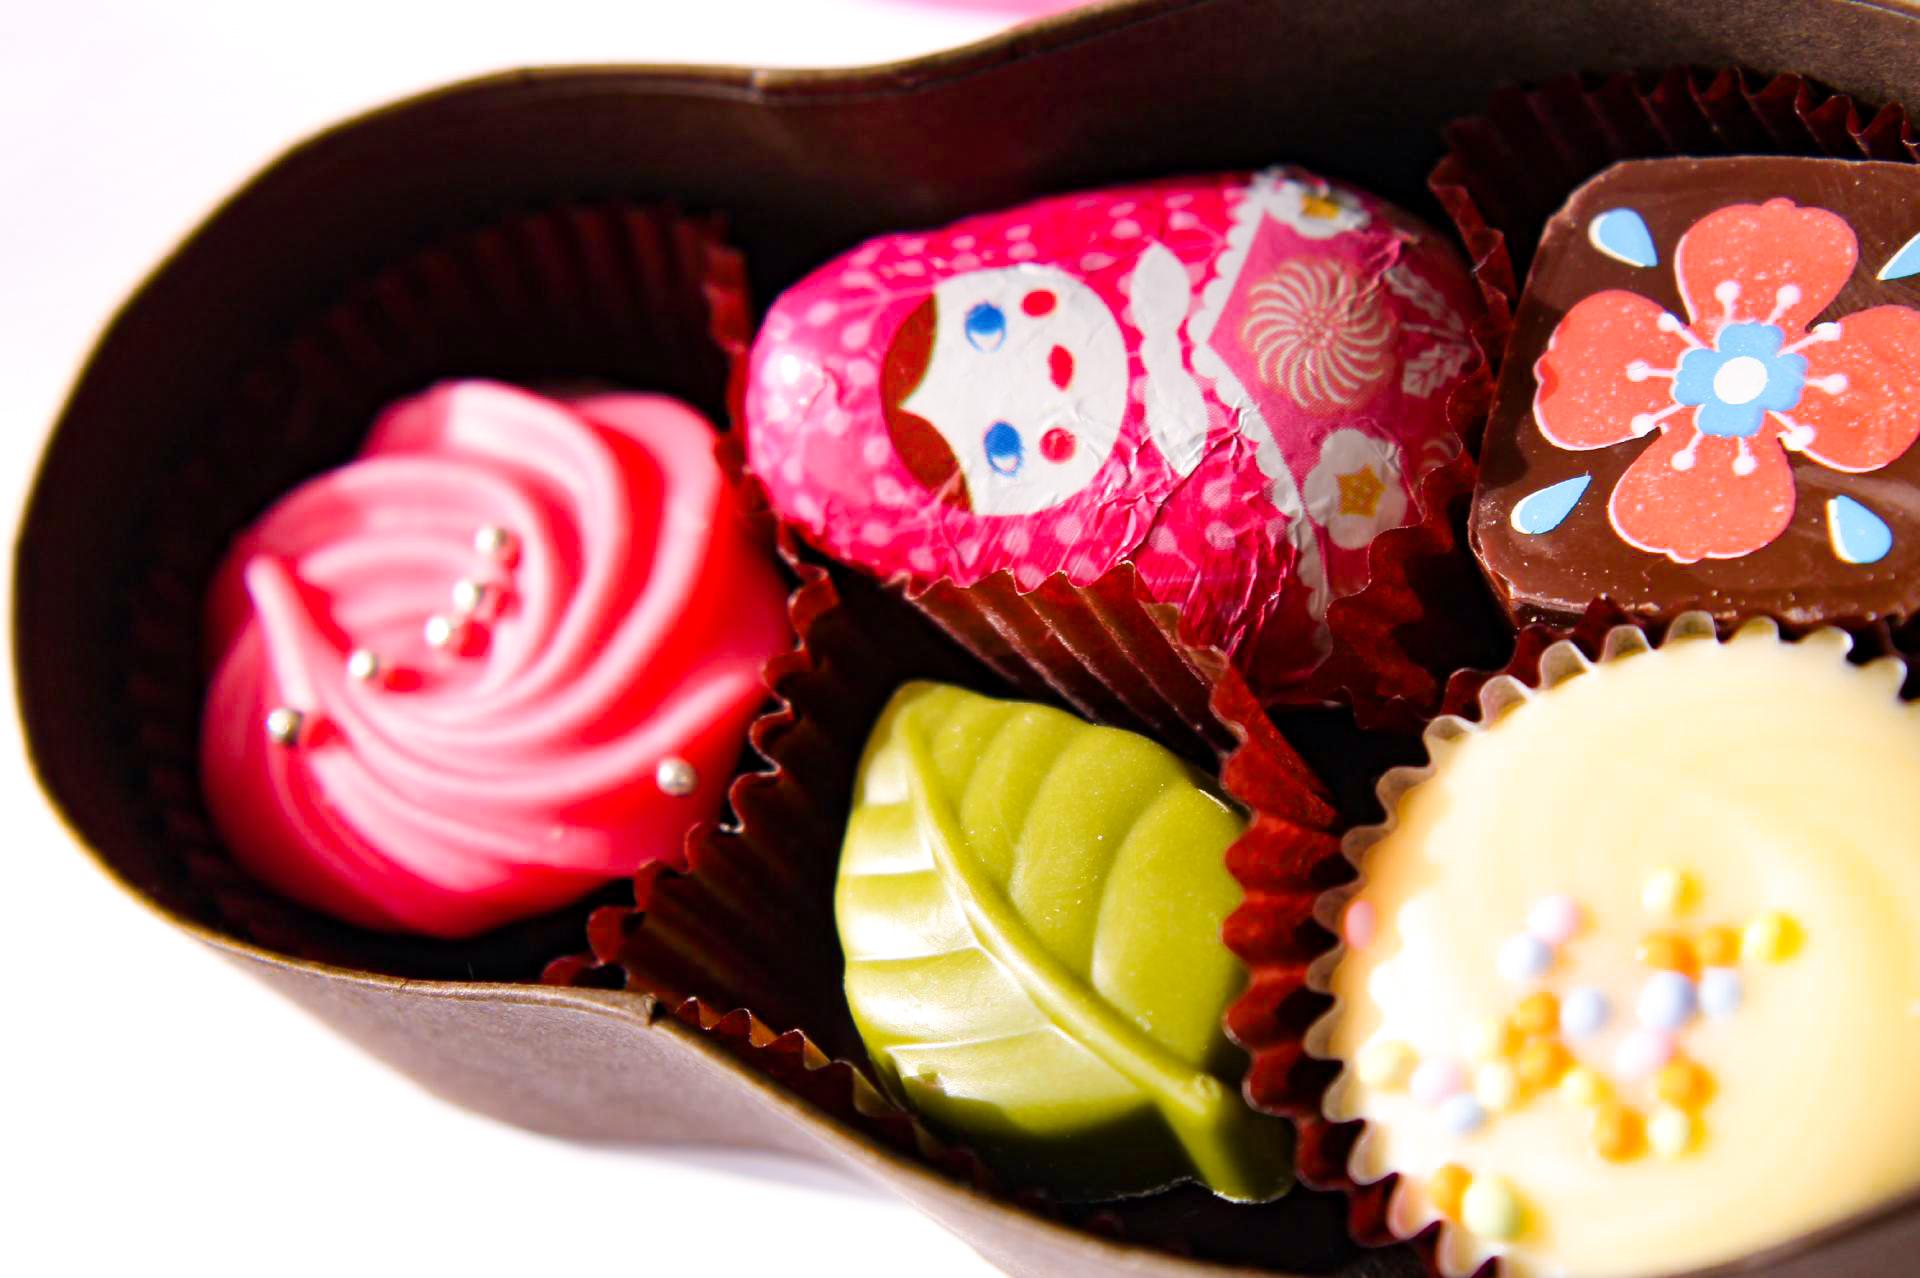 マトリョーシカの入れ物に入ったチョコレート